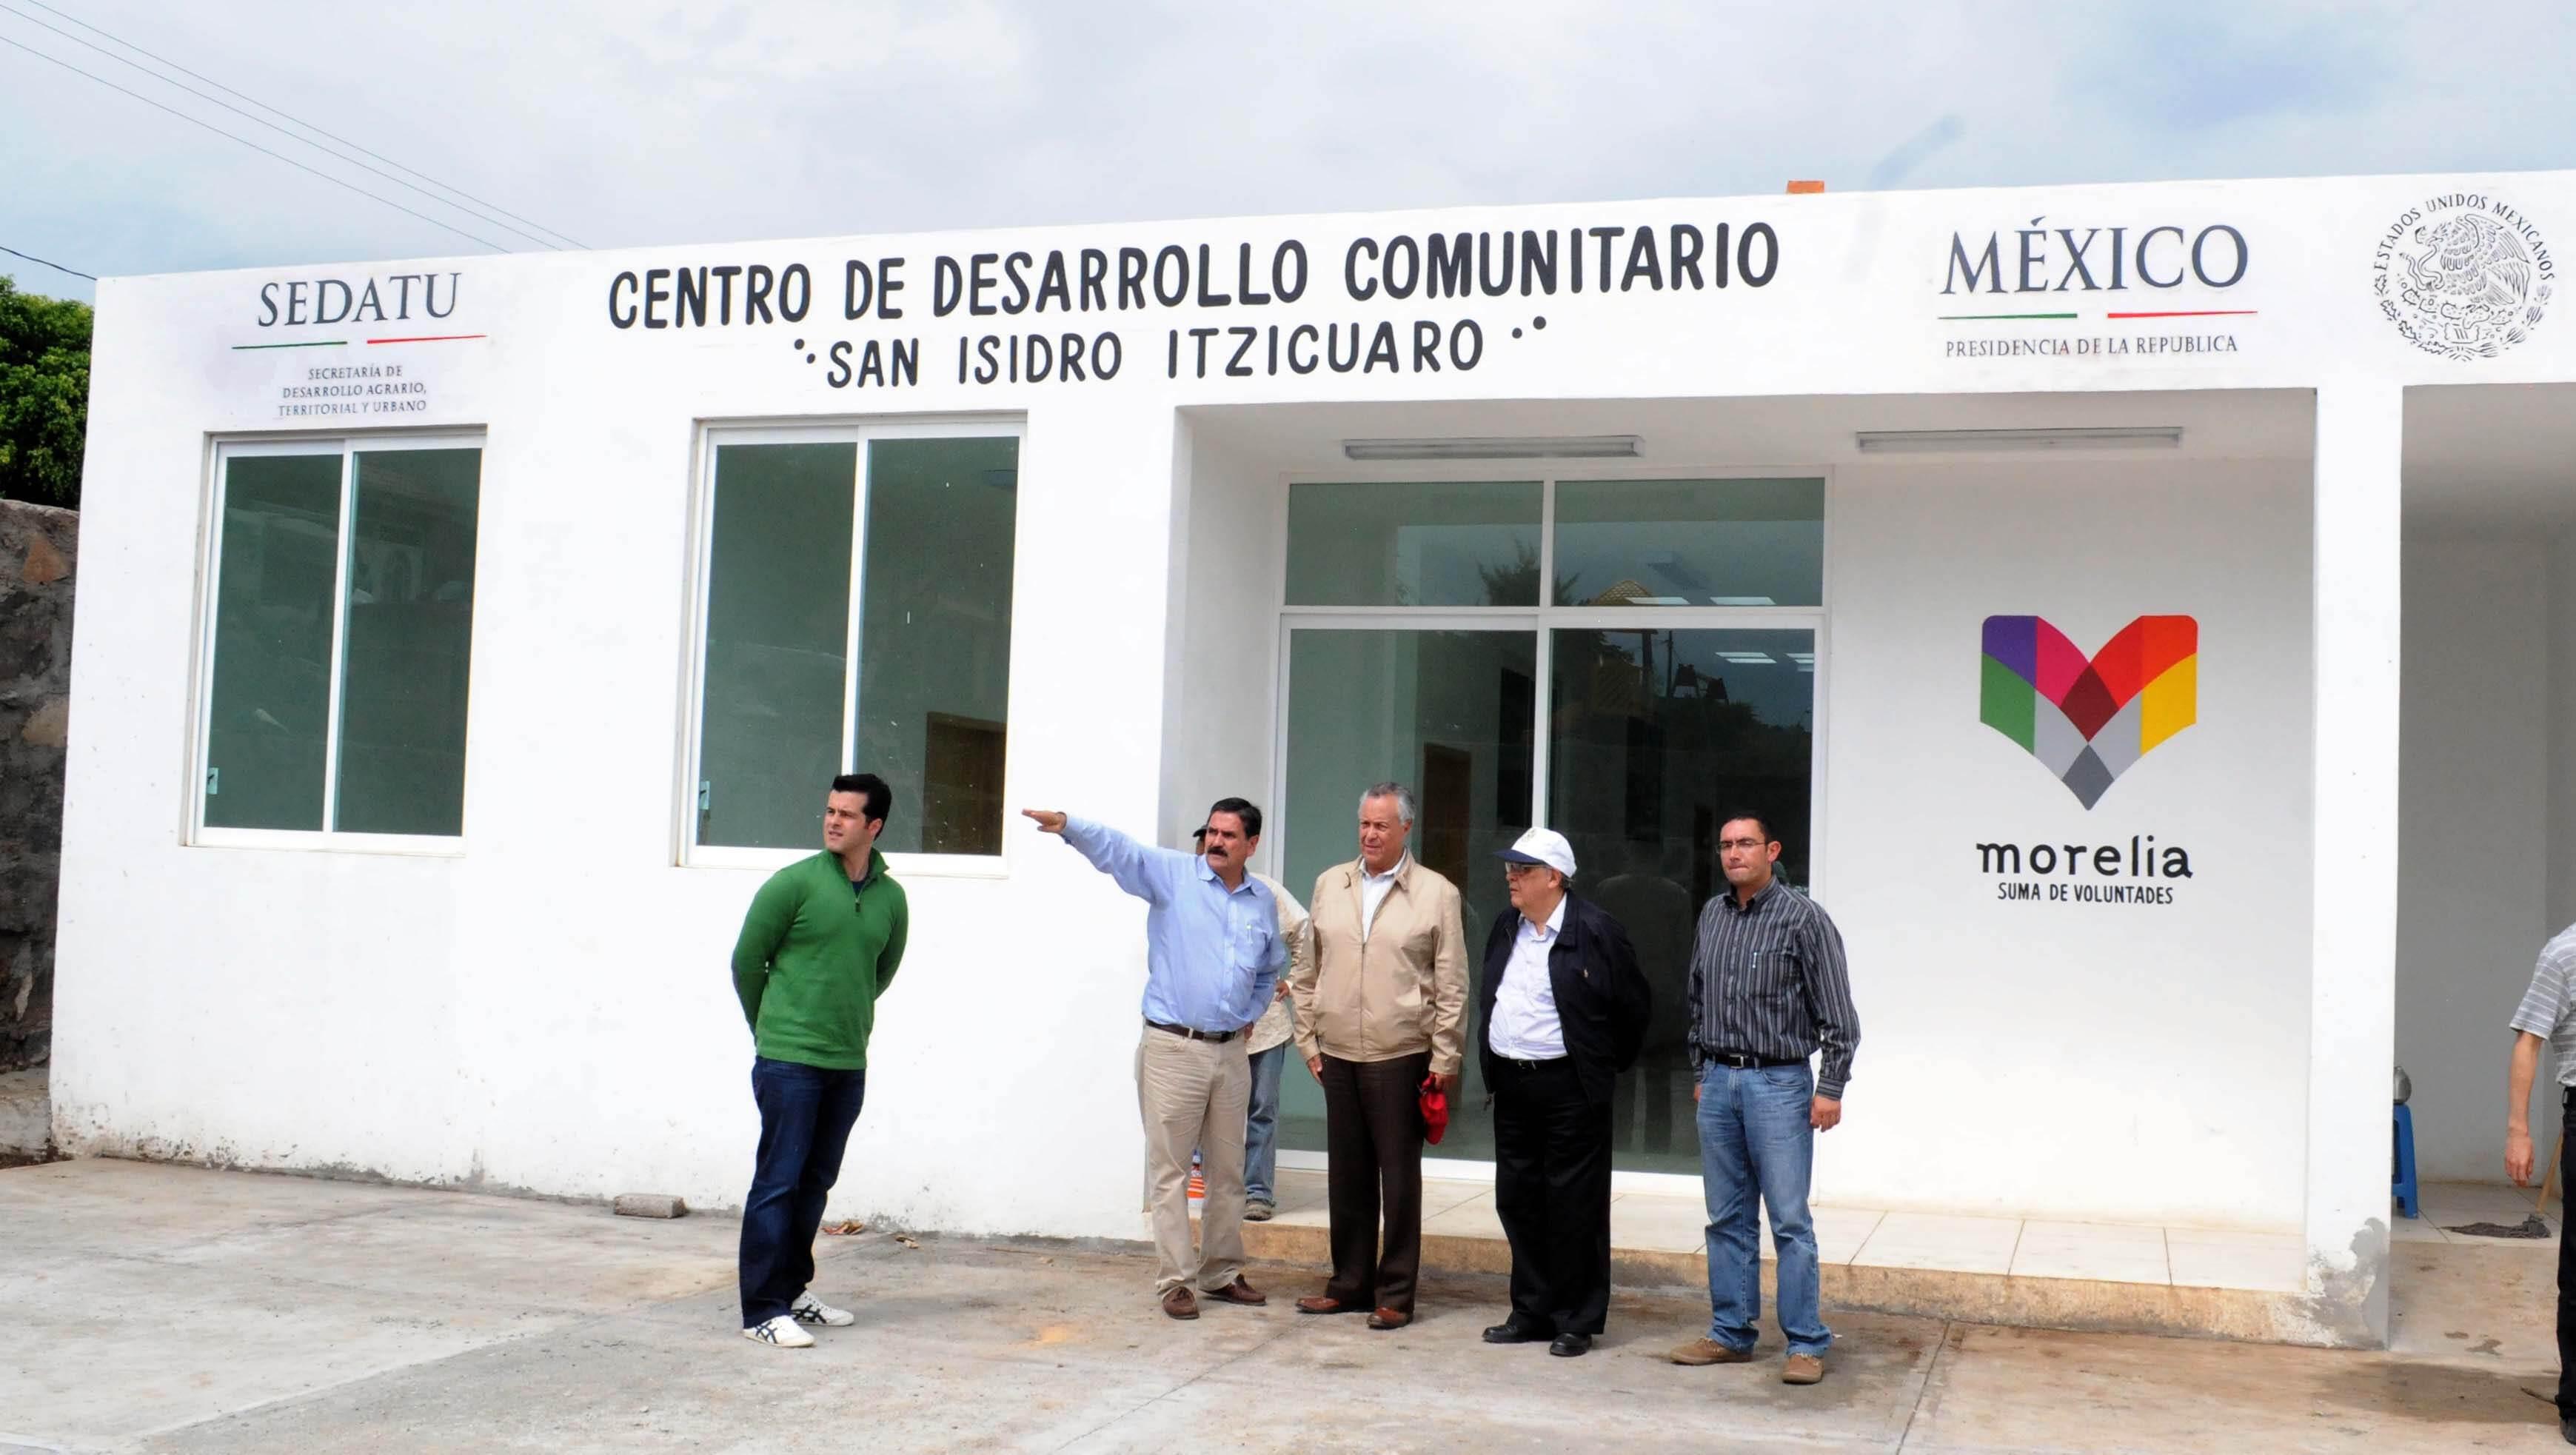 Subsecretario de Ordenamiento Territorial, de la Secretaría de Desarrollo Agrario, Territorial y Urbano (SEDATU), Gustavo Cárdenas Monroy.